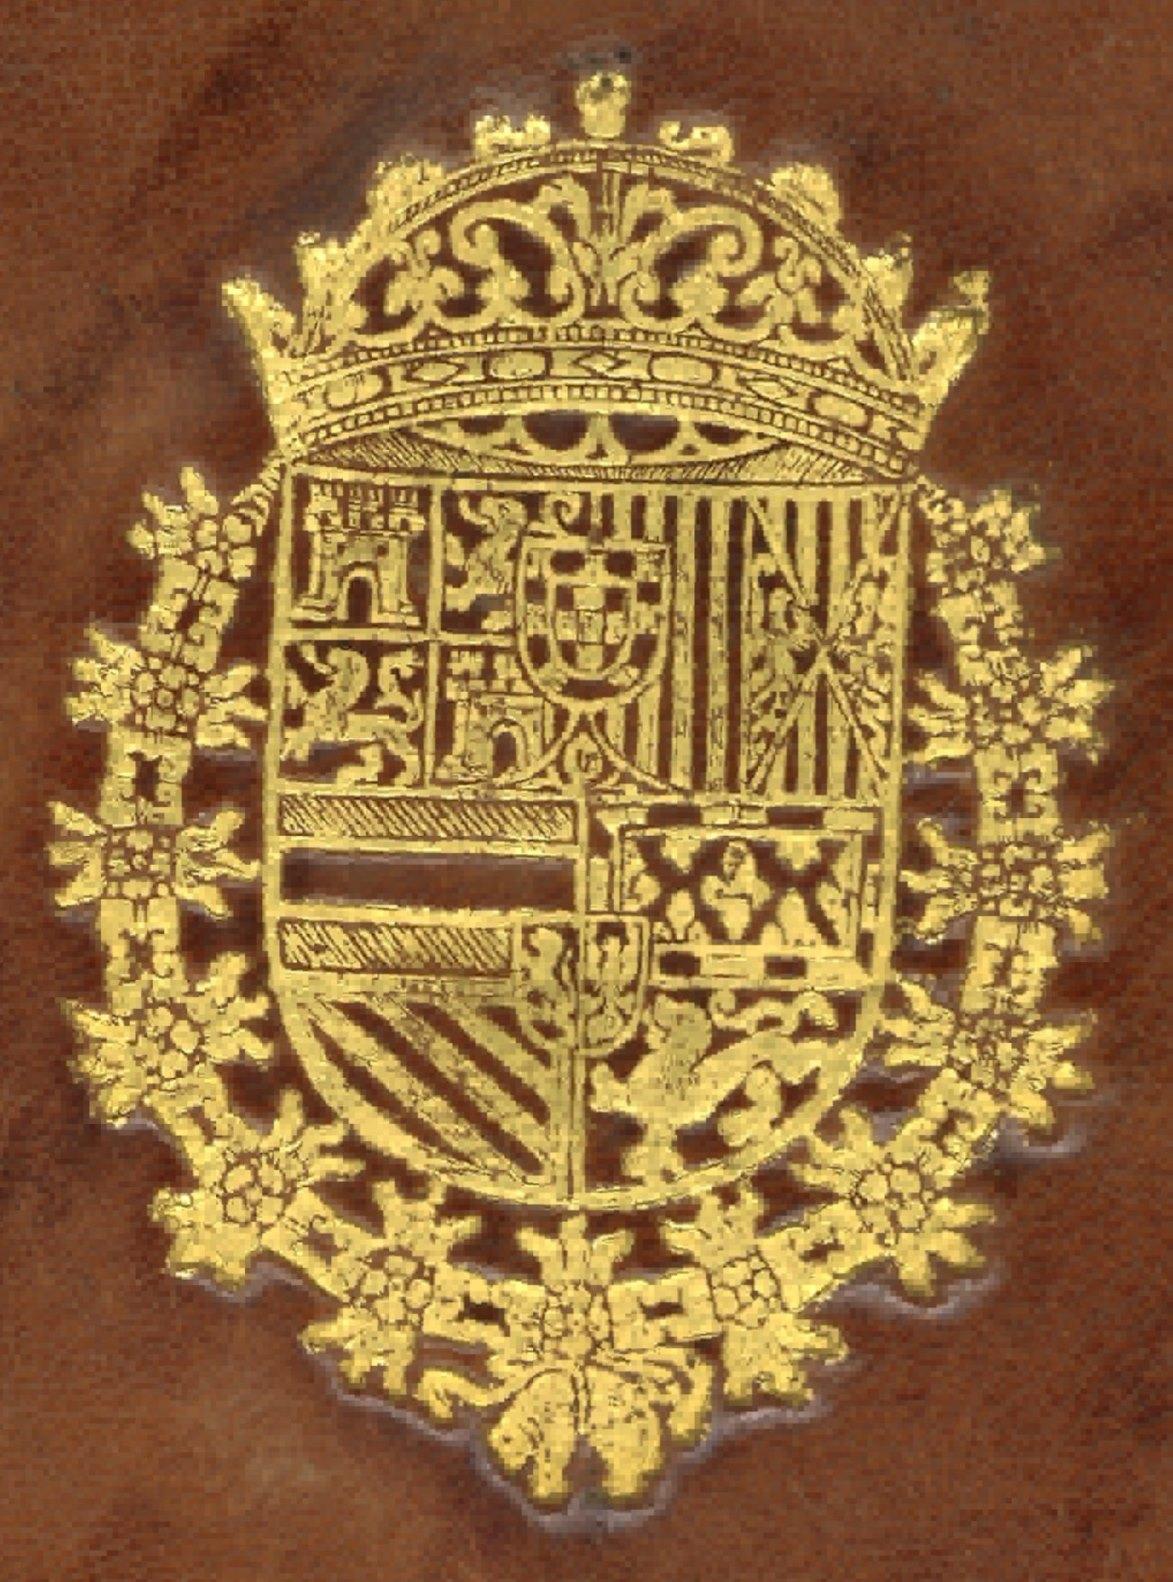 Supralibros heráldico con el escudo real de Carlos II